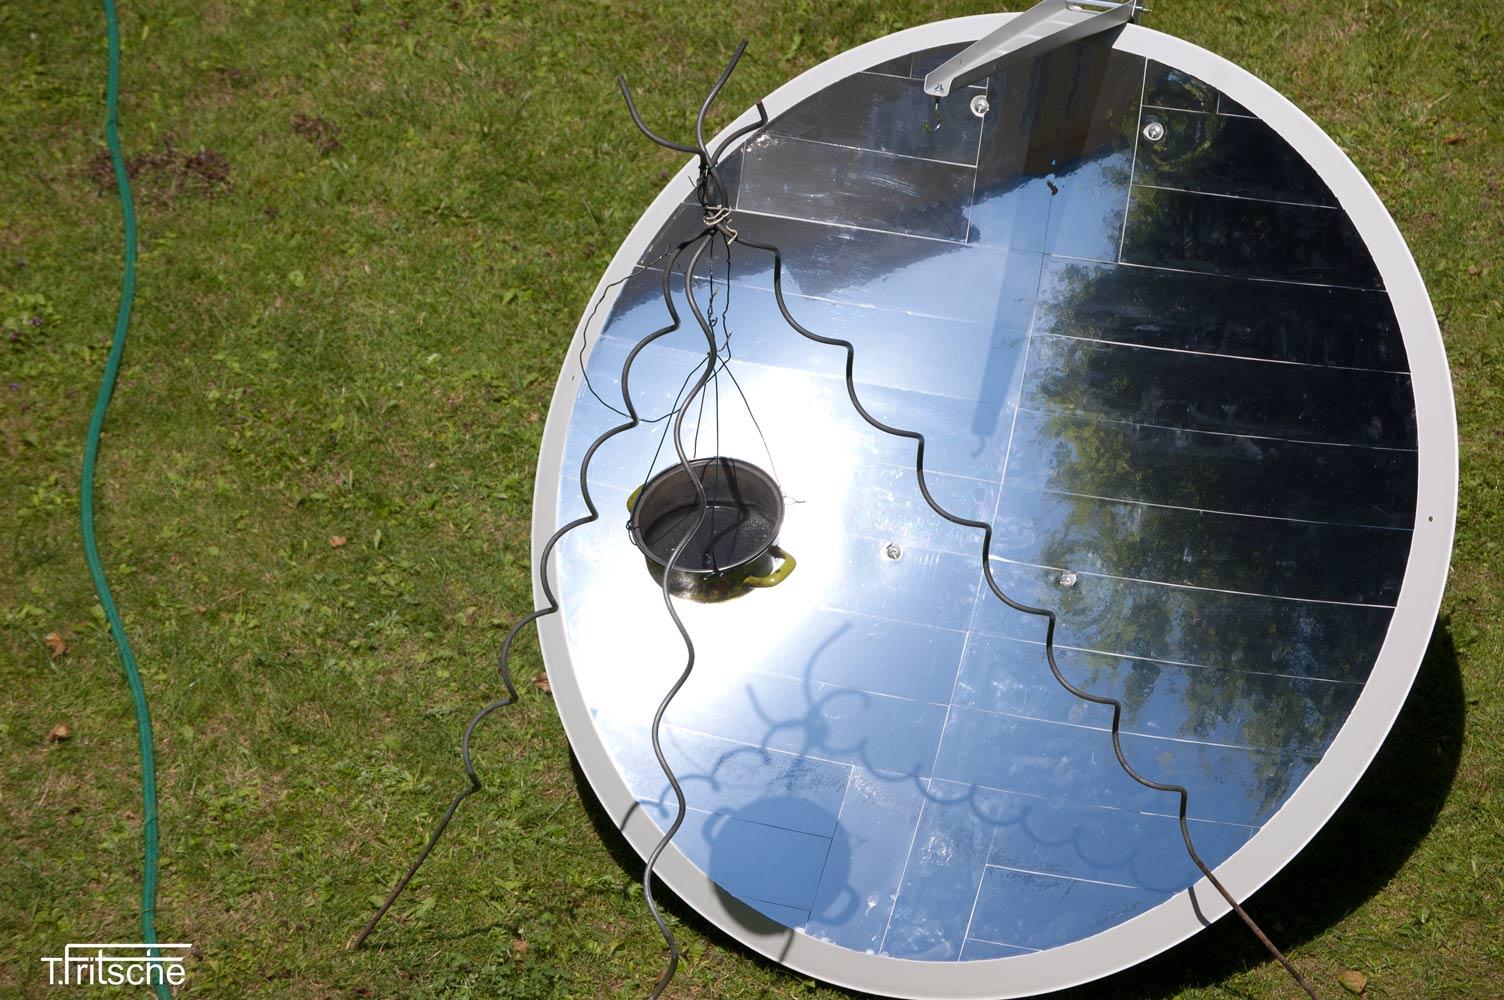 Satellite Dish Cooker (English)